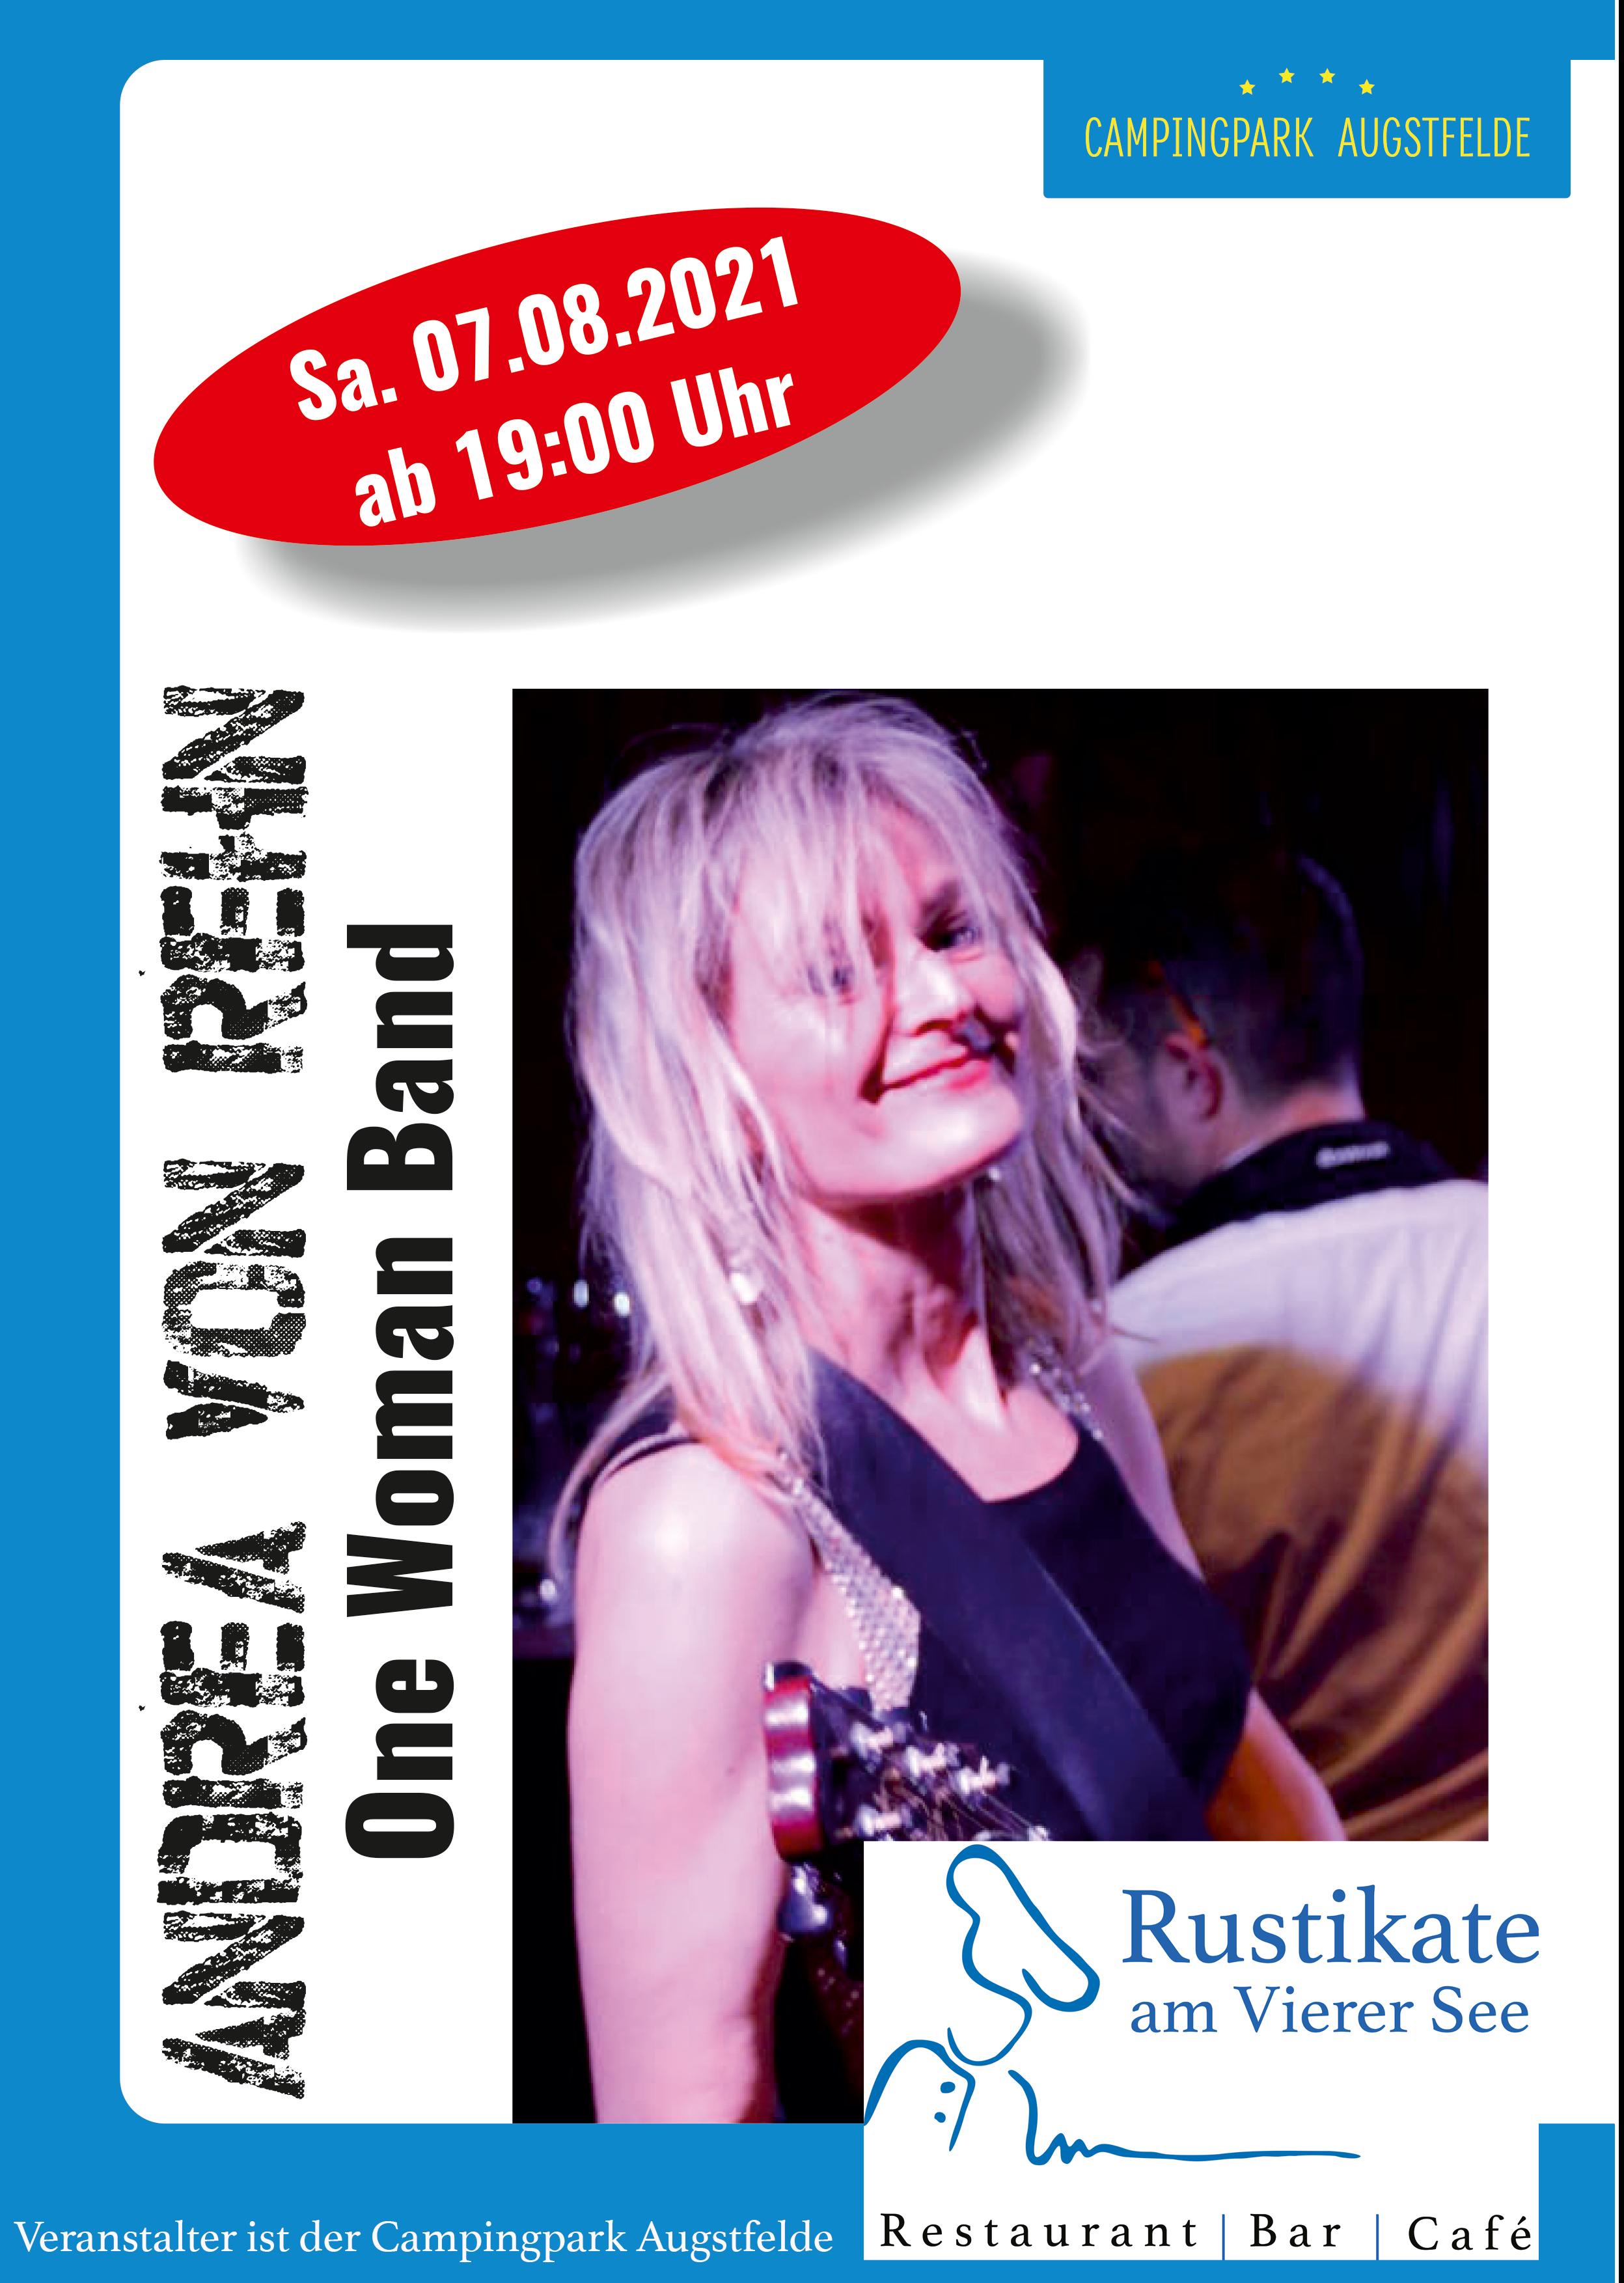 Live vor der Rustikate: Andrea von Rehn